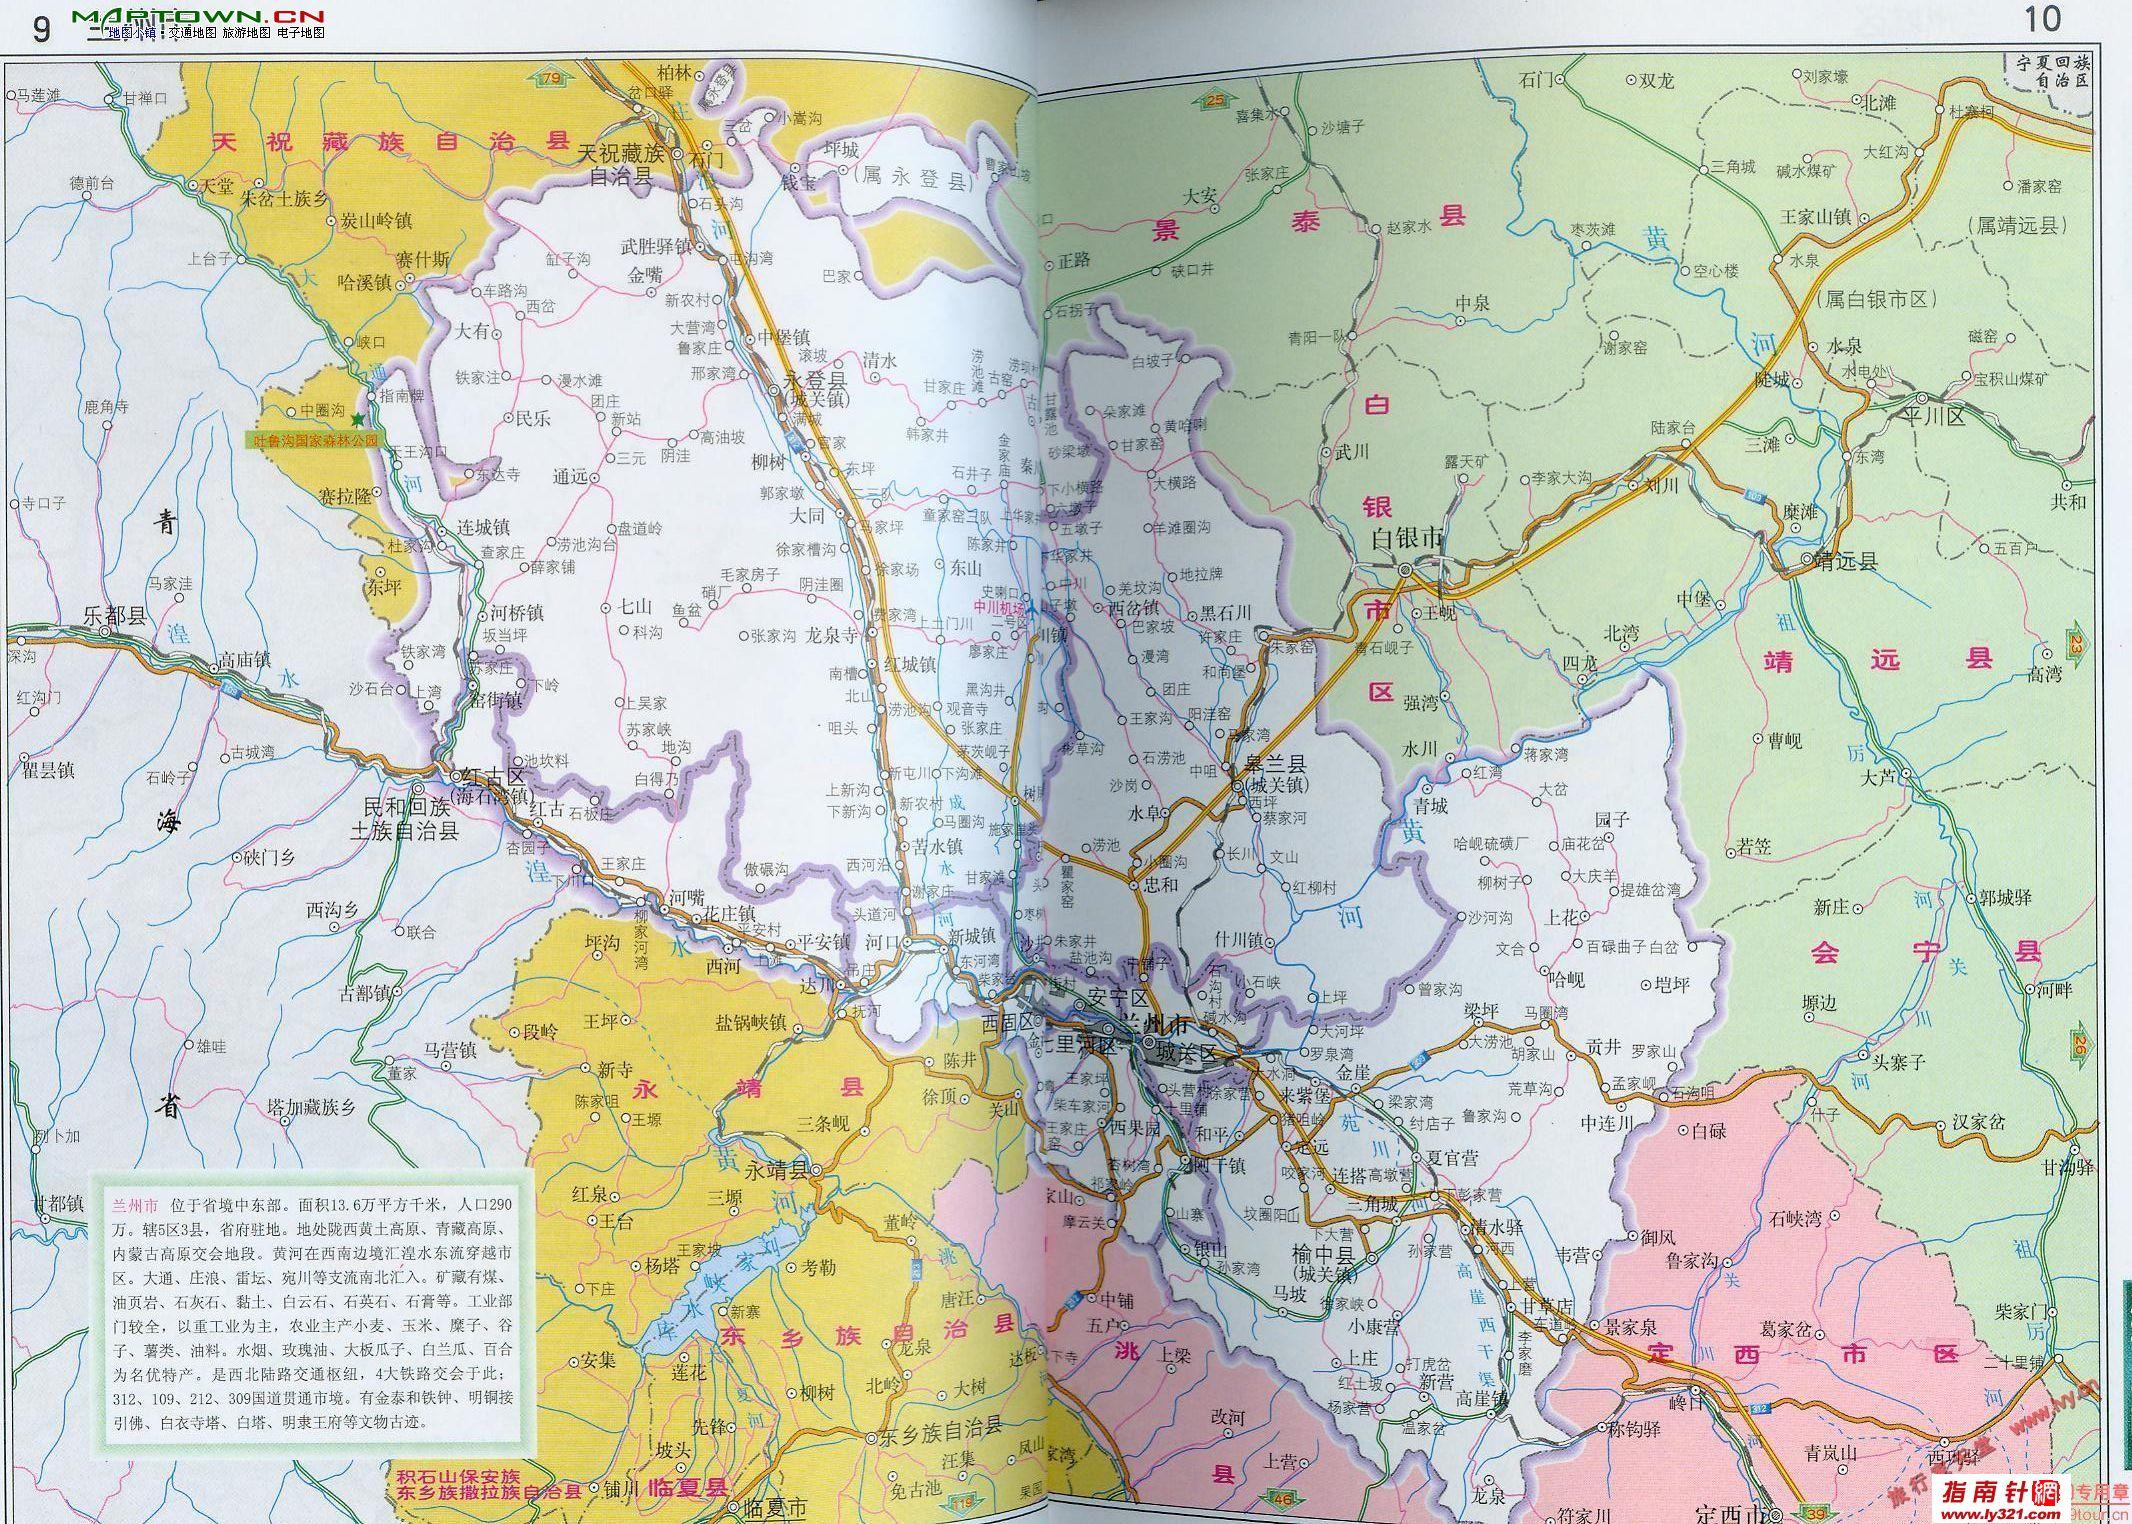 >> 甘肃兰州行政区地图